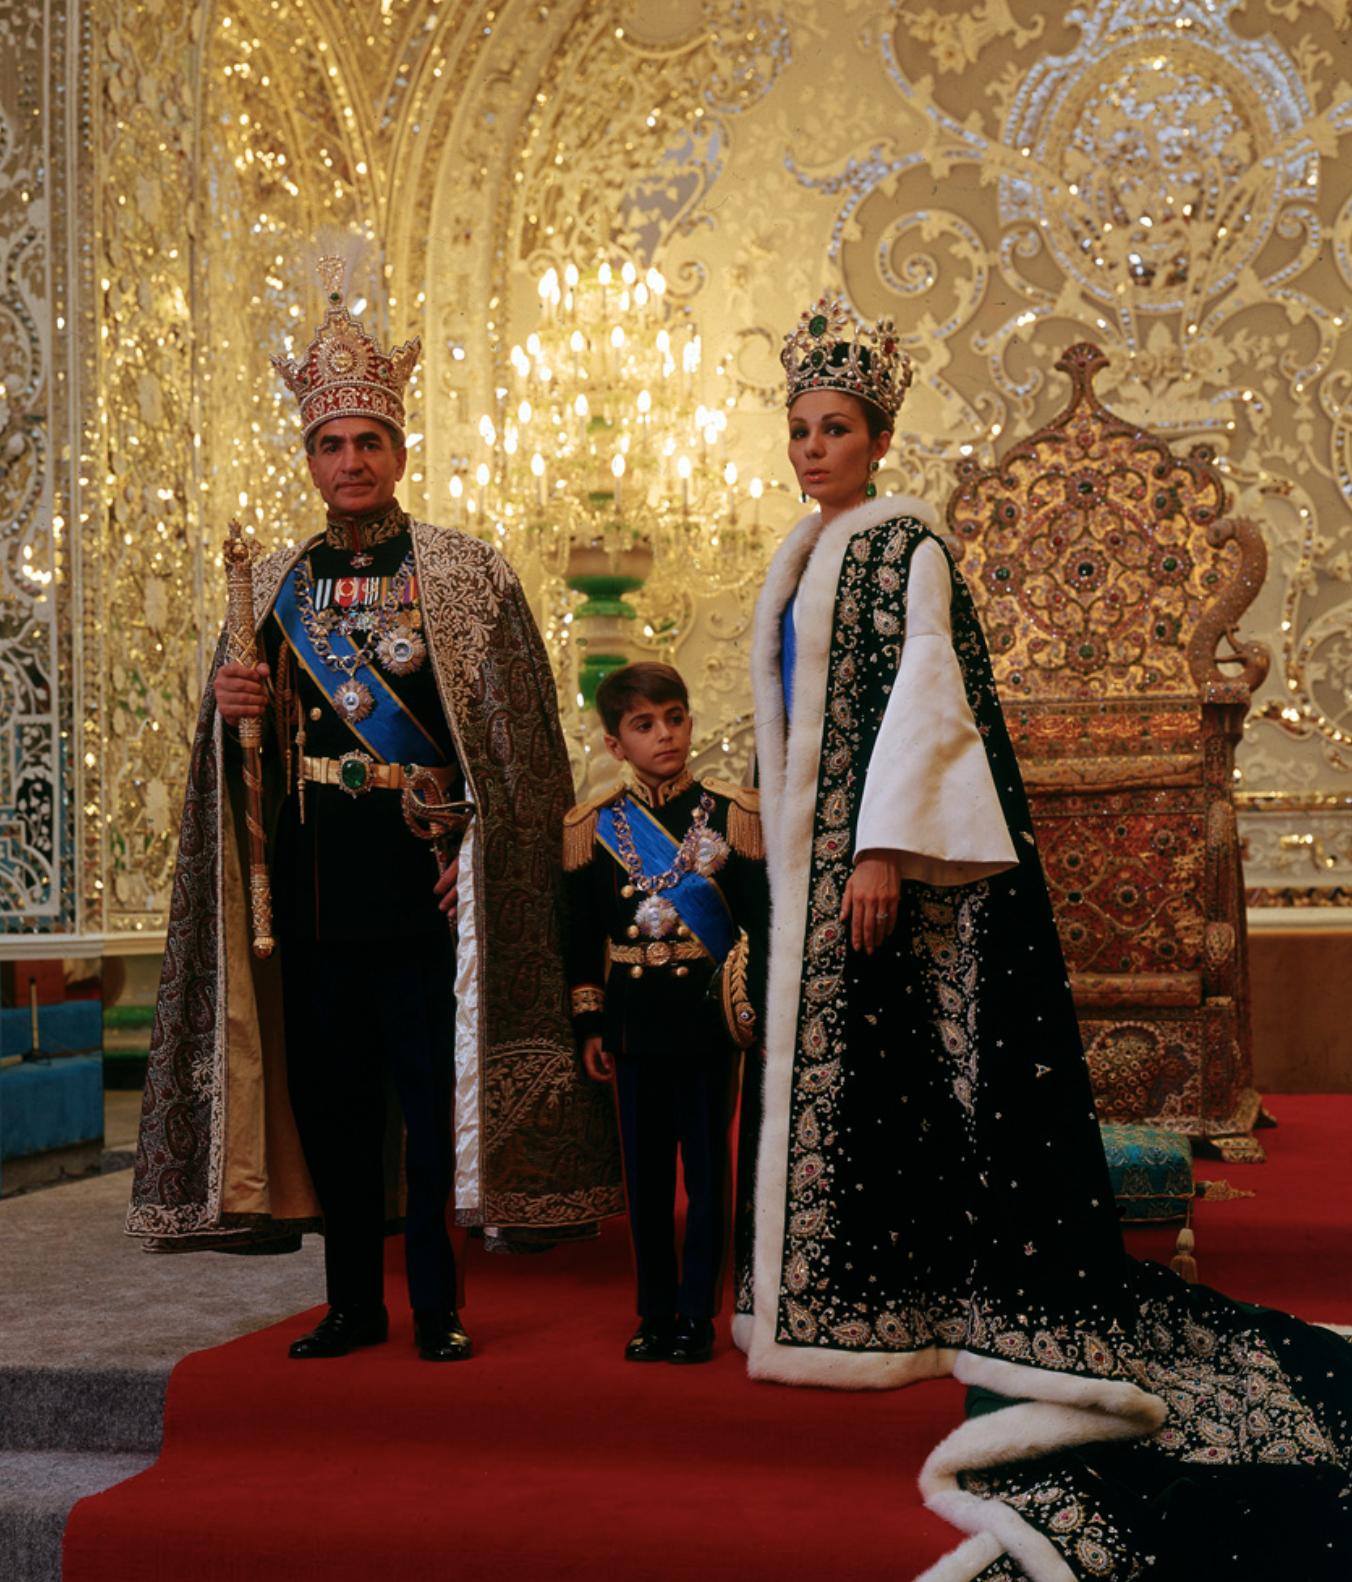 king-of-iran-loved-cake.png